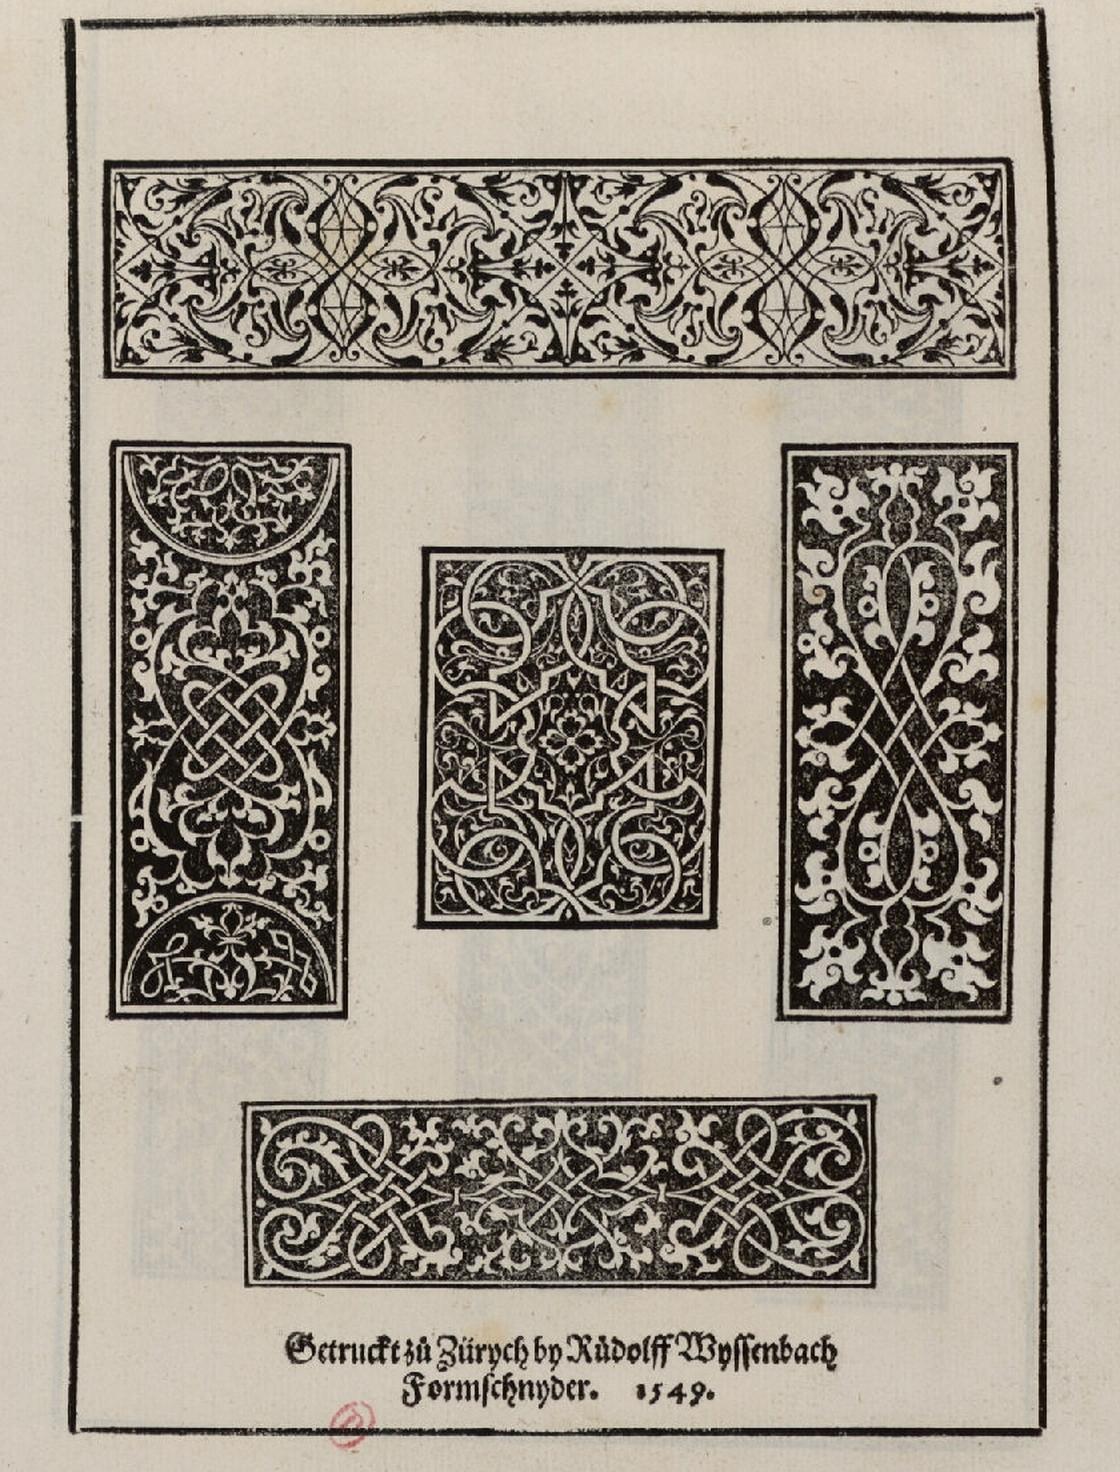 Peter Flötner, Mauresques et damasquinures, Zürich, 1549, bibliothèque de l'INHA